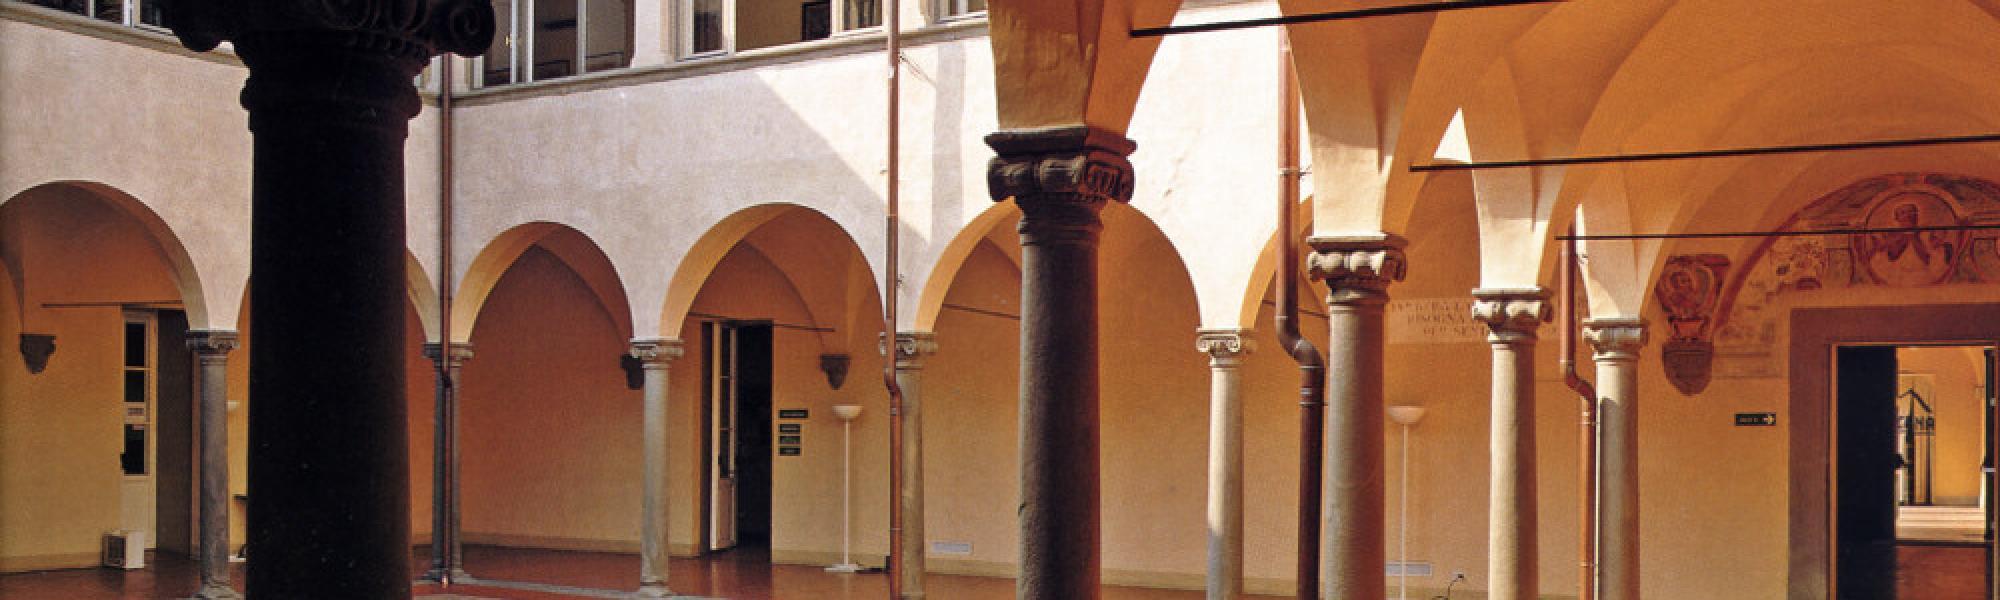 Chiostro gesuita - Palazzo della Scuola Sant'Anna (D. Tarantino)